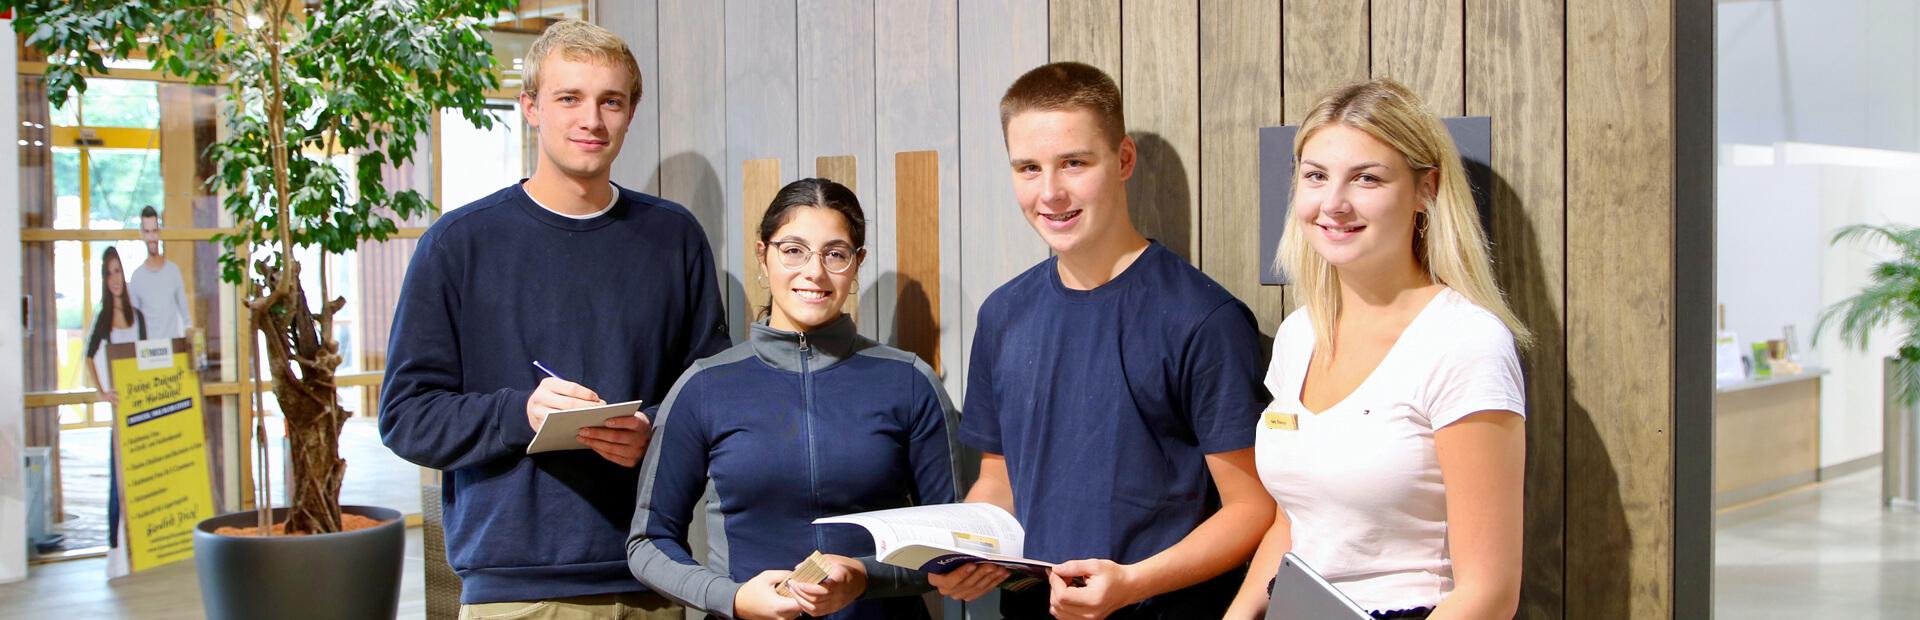 Vier unterschiedliche Ausbildungsberufe bei Leyendecker HolzLand in Trier